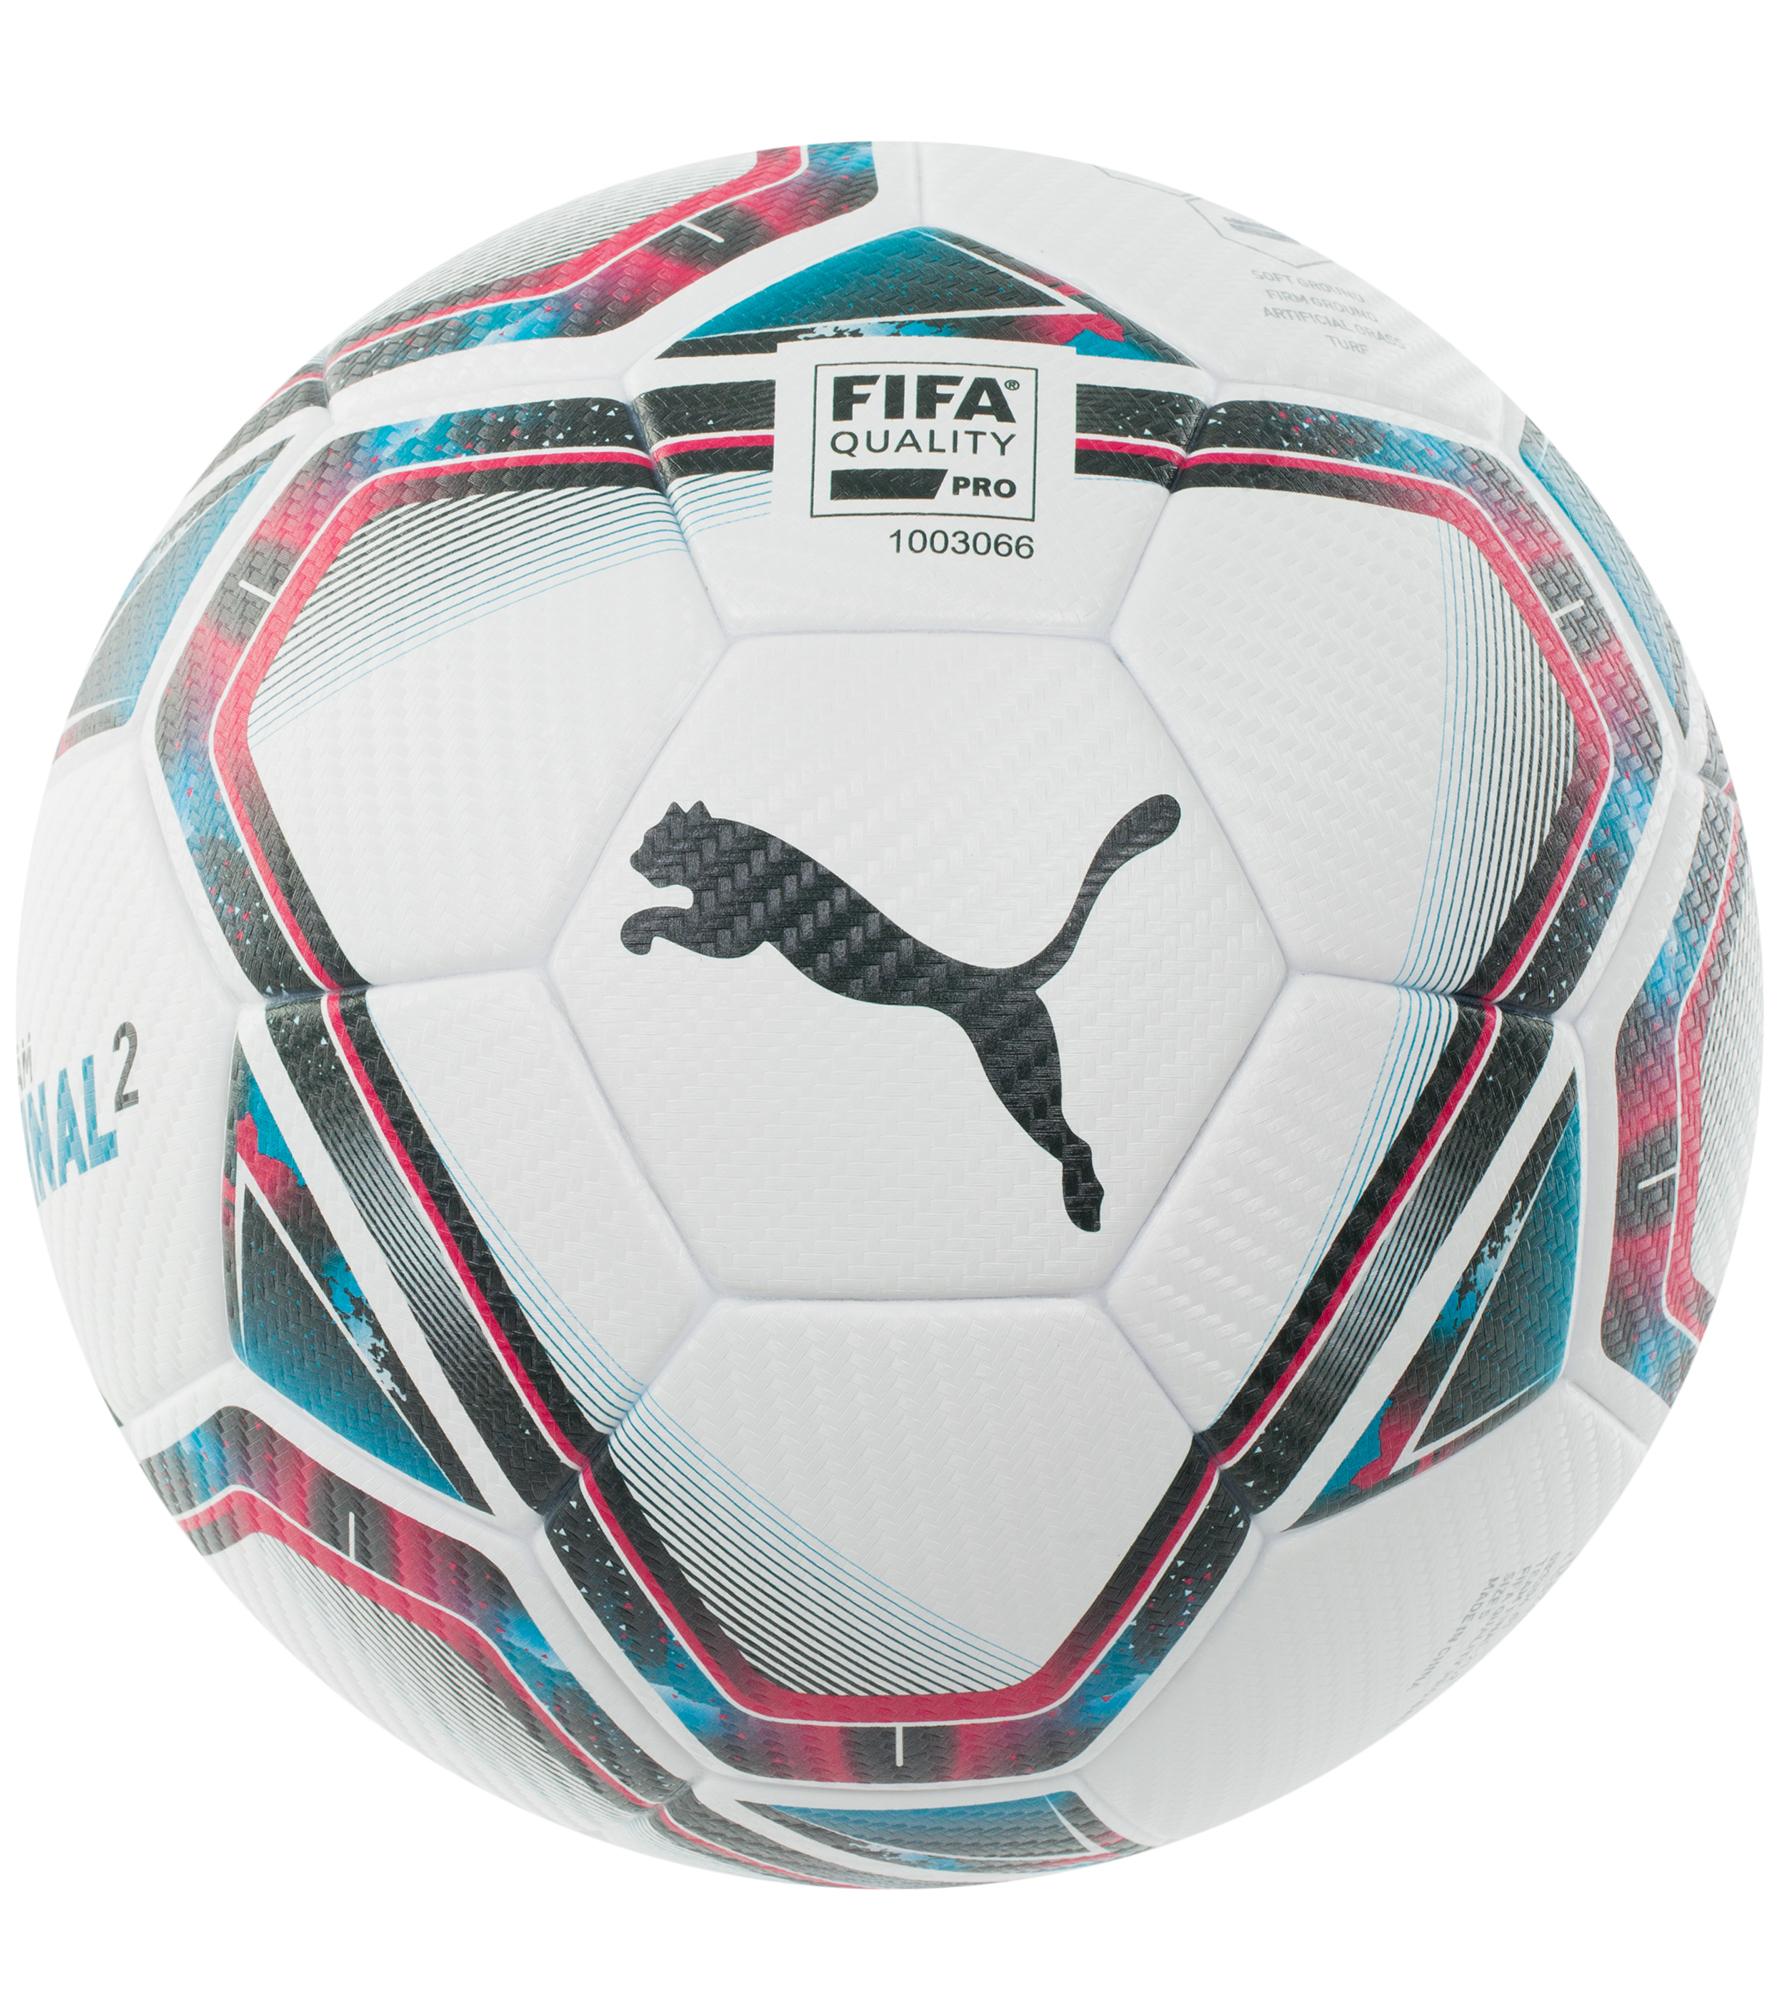 PUMA Футбольный мяч Puma TEAMFINAL 21.2 FIFA QUALITY PRO puma мяч футбольный puma superhero lite